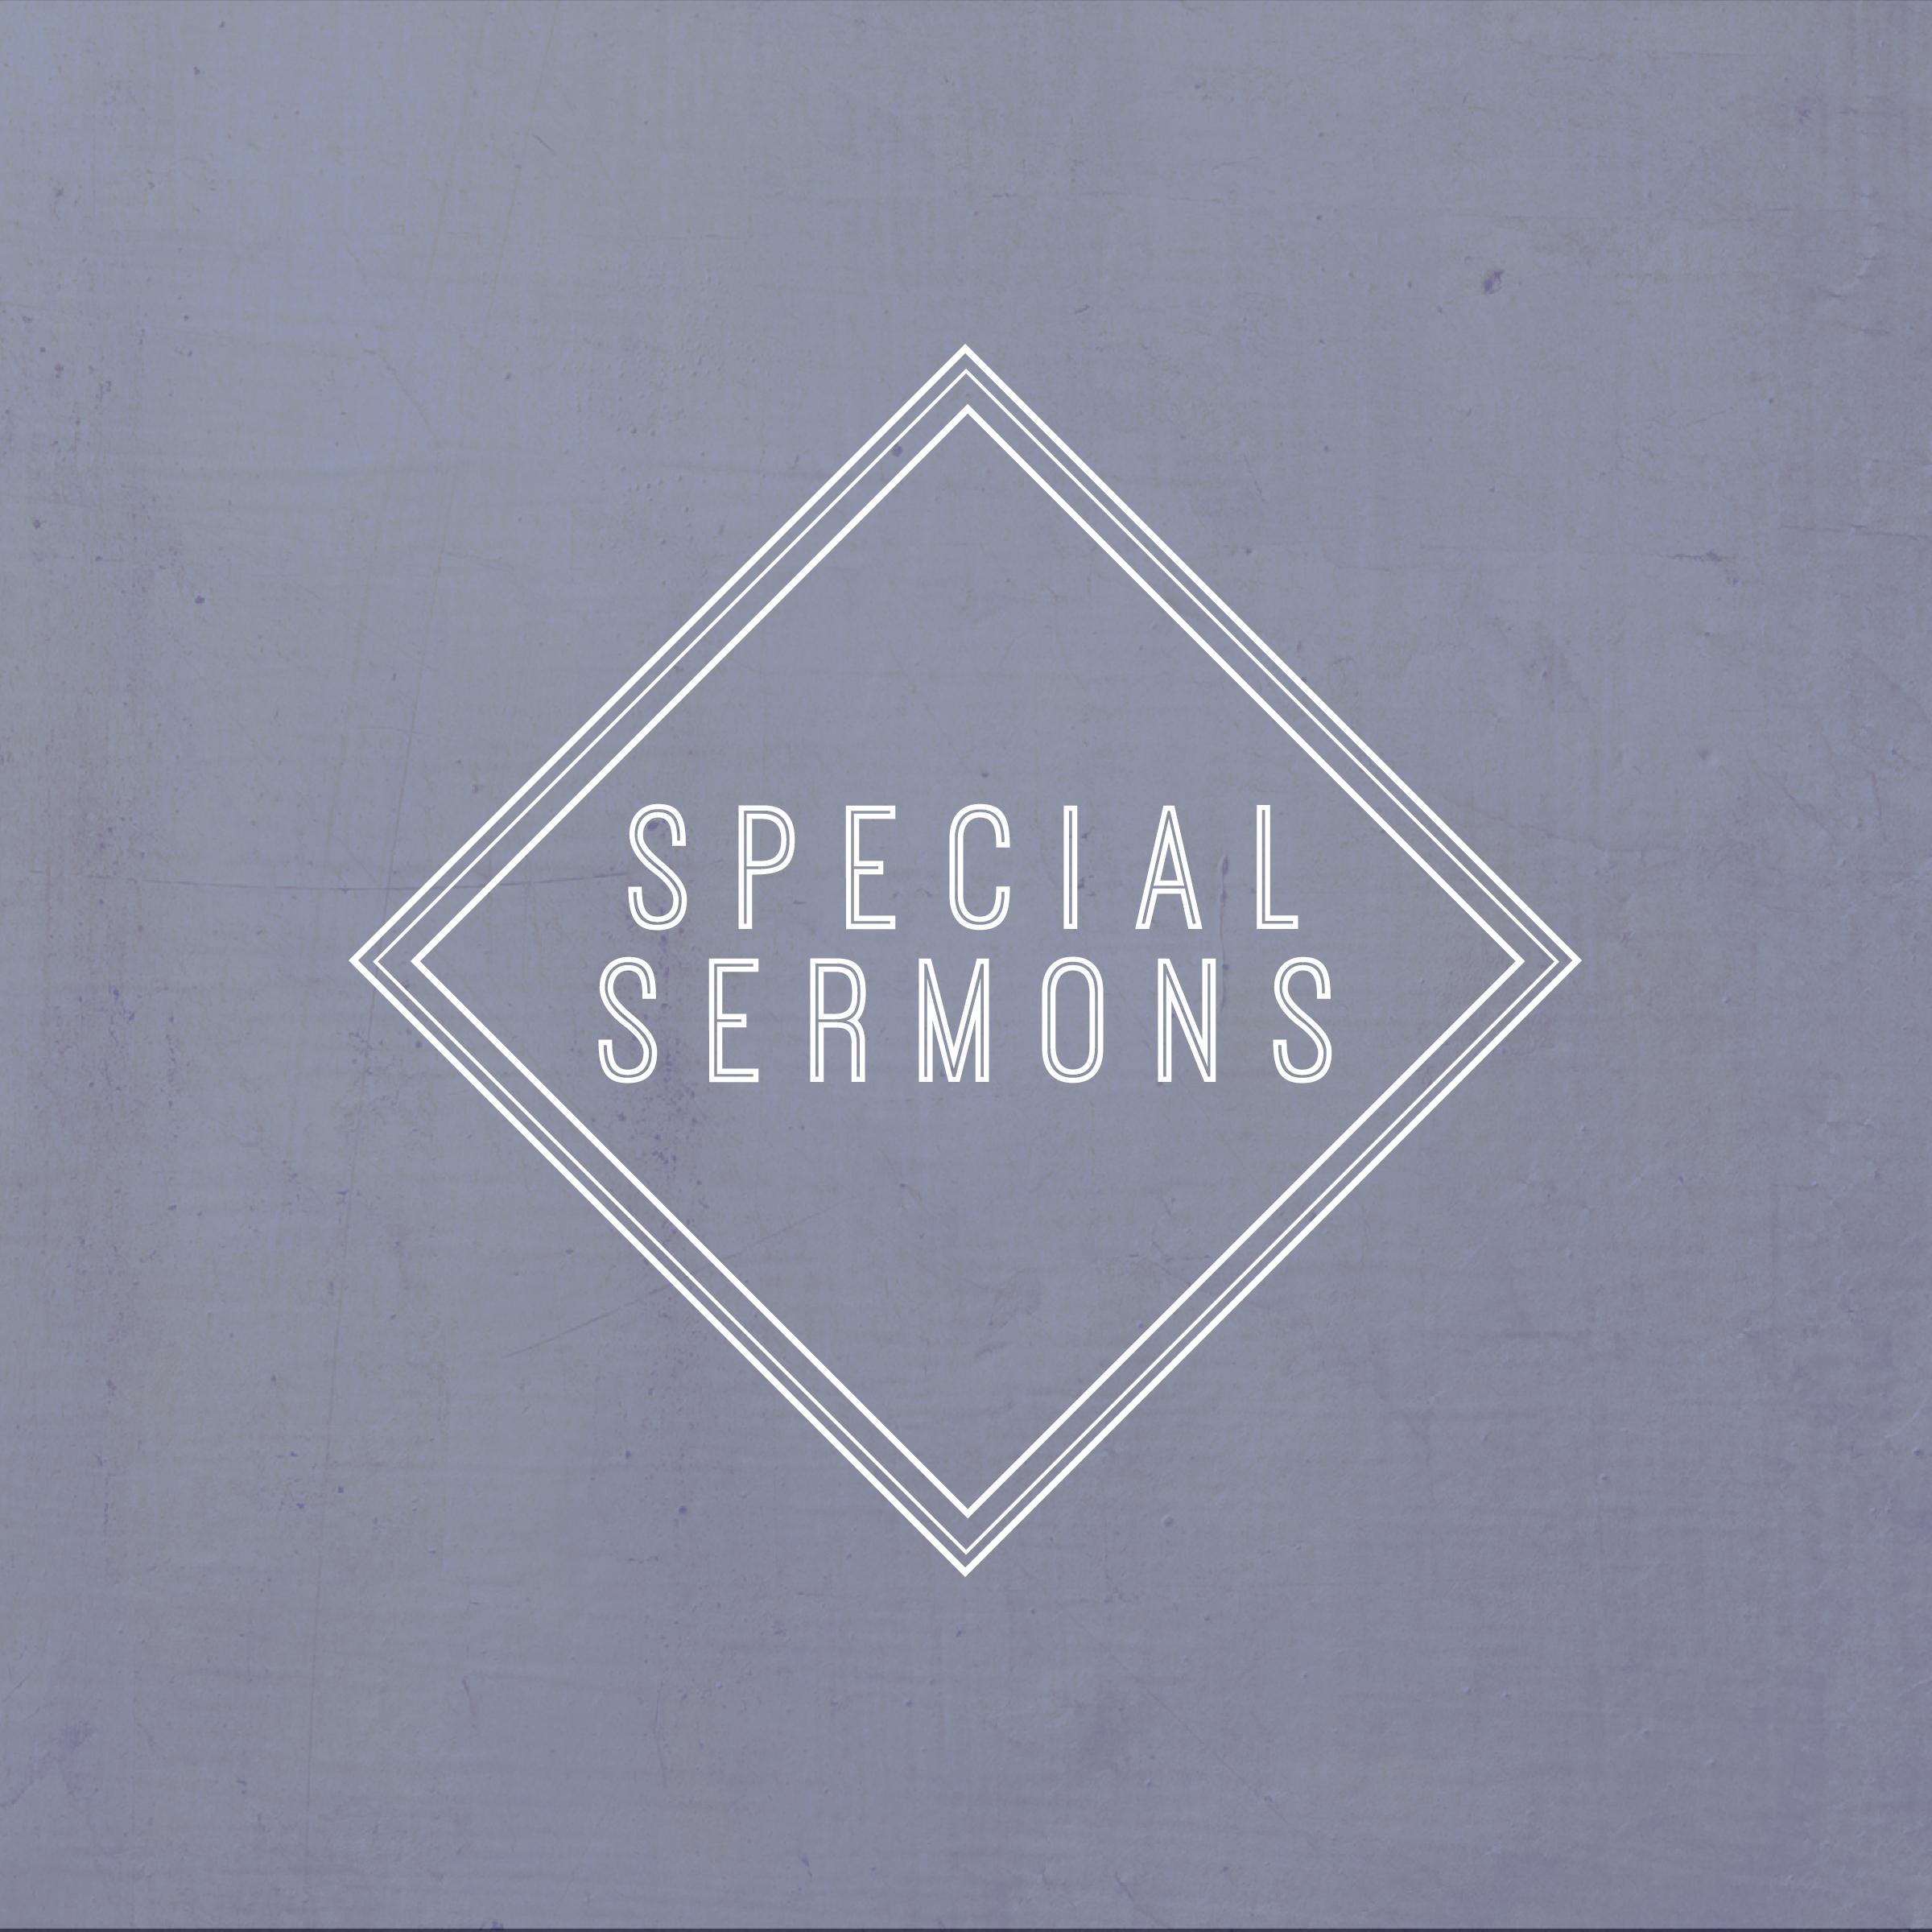 SpecialSermonsSquare-01.png